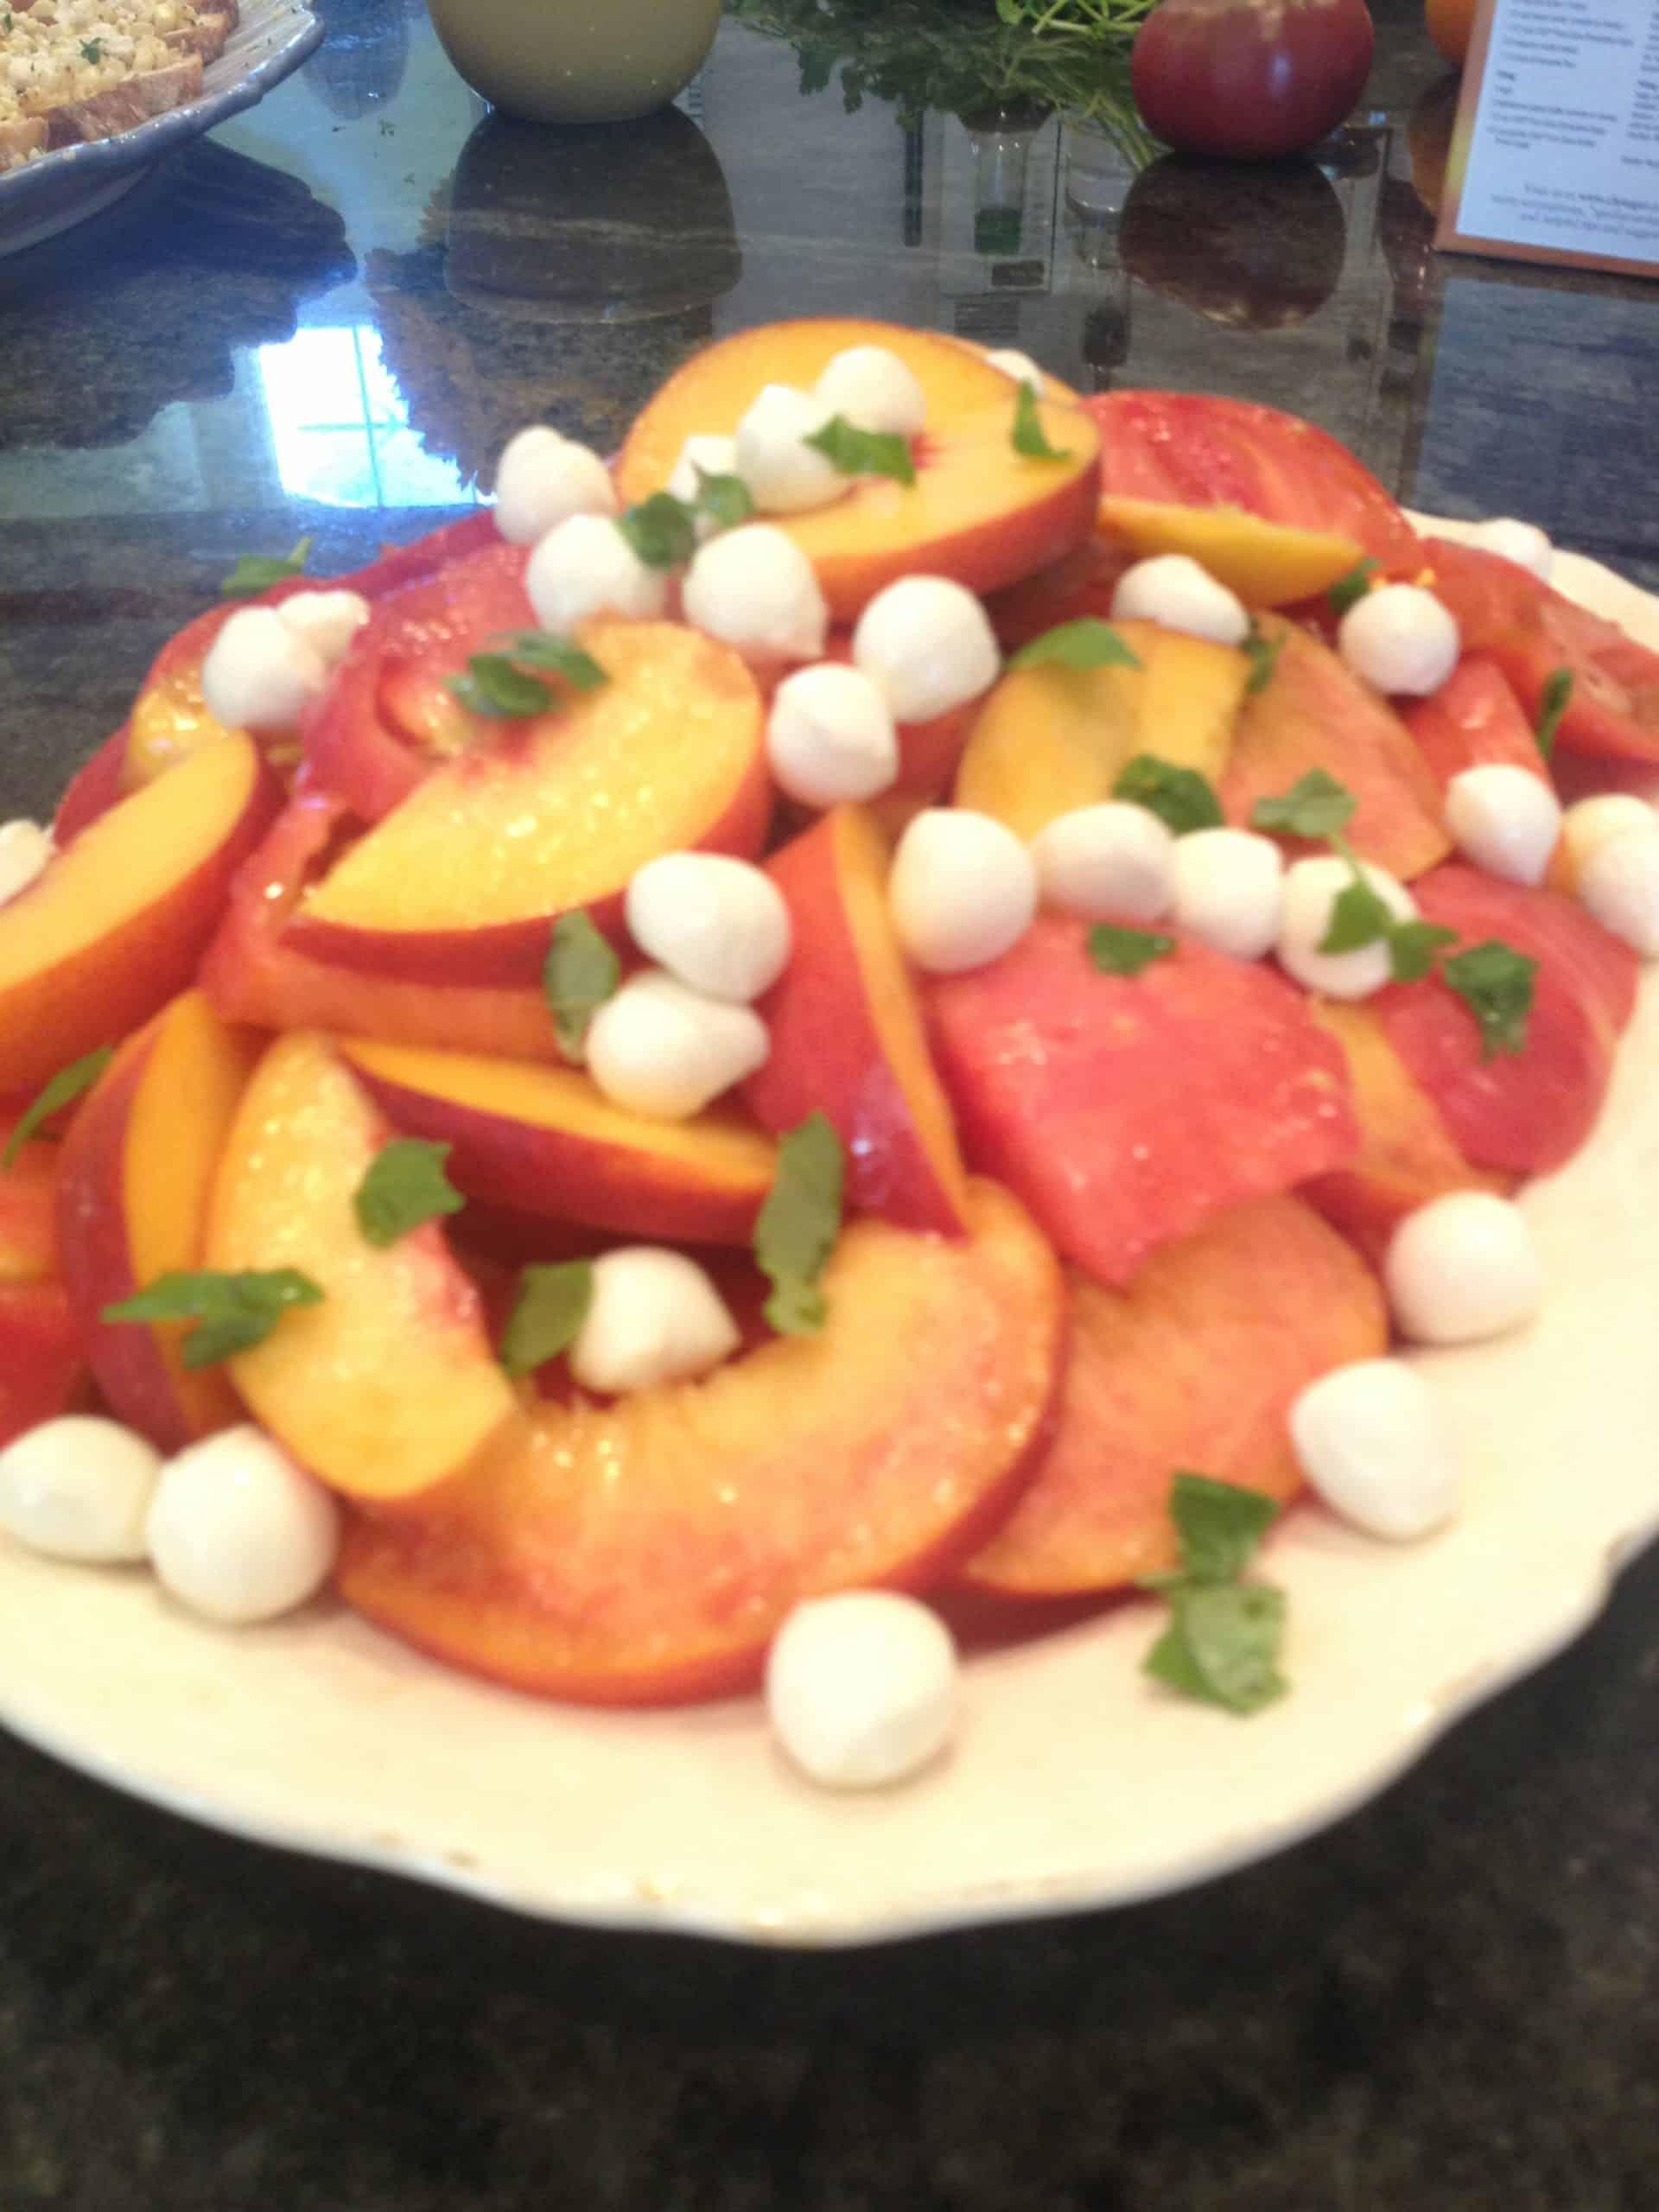 Class Recipes: Peach Tomato & Mozzarella Salad